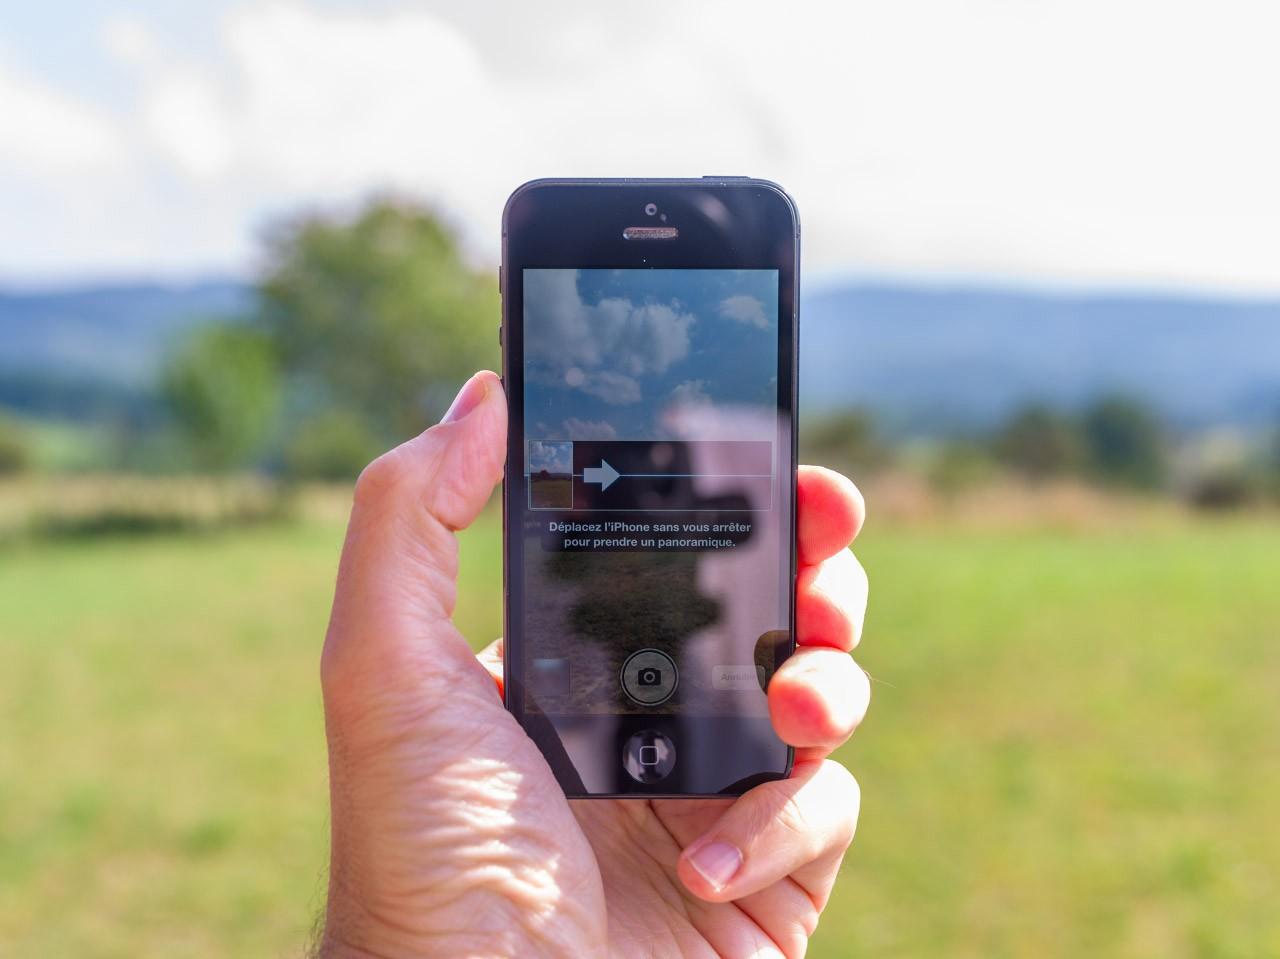 Prendre des photos pourrait nuire à notre mémoire